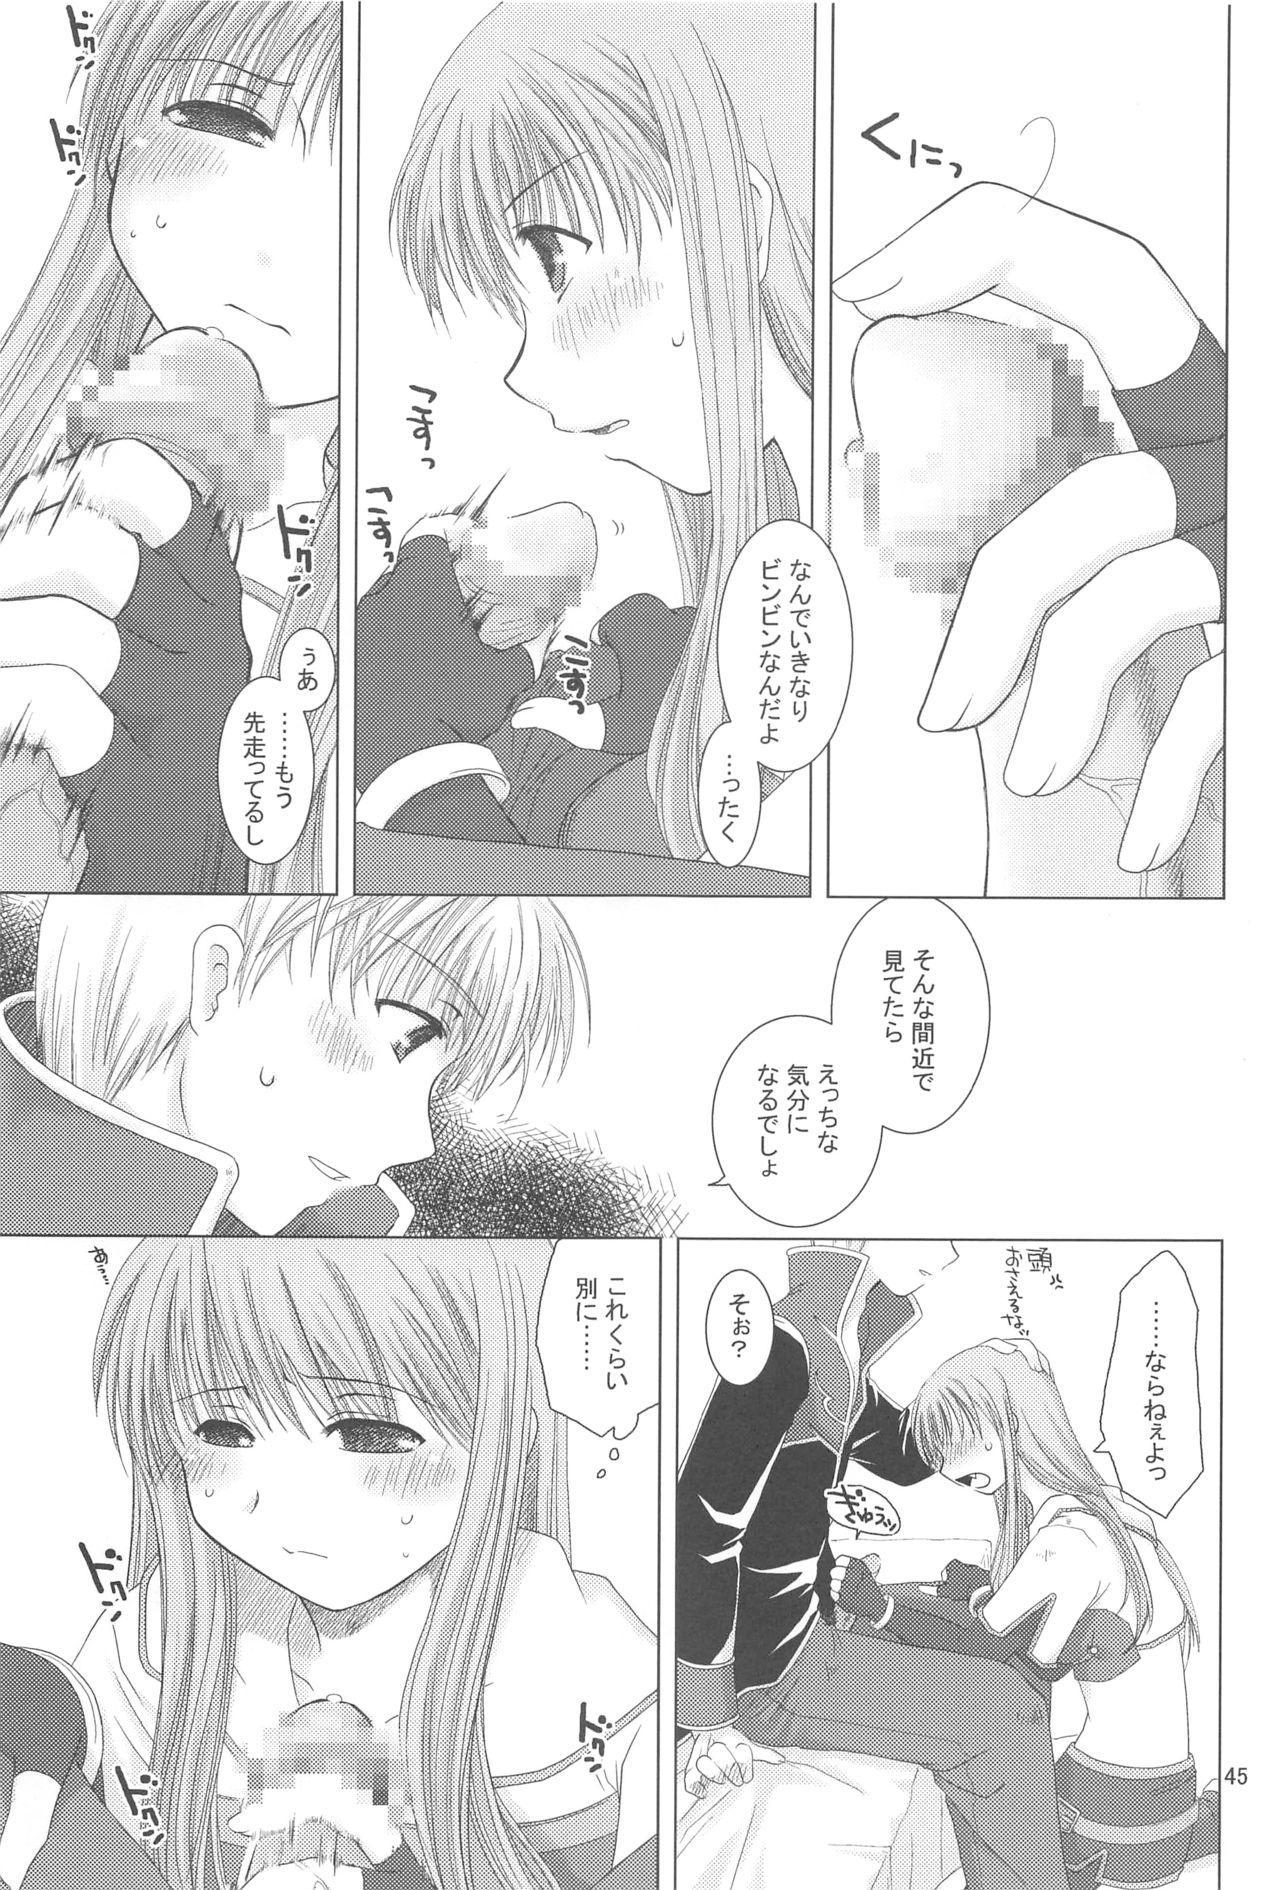 Quagmire no Chuushin de, Shuuchuuryoku Koujou to Sakebu 43